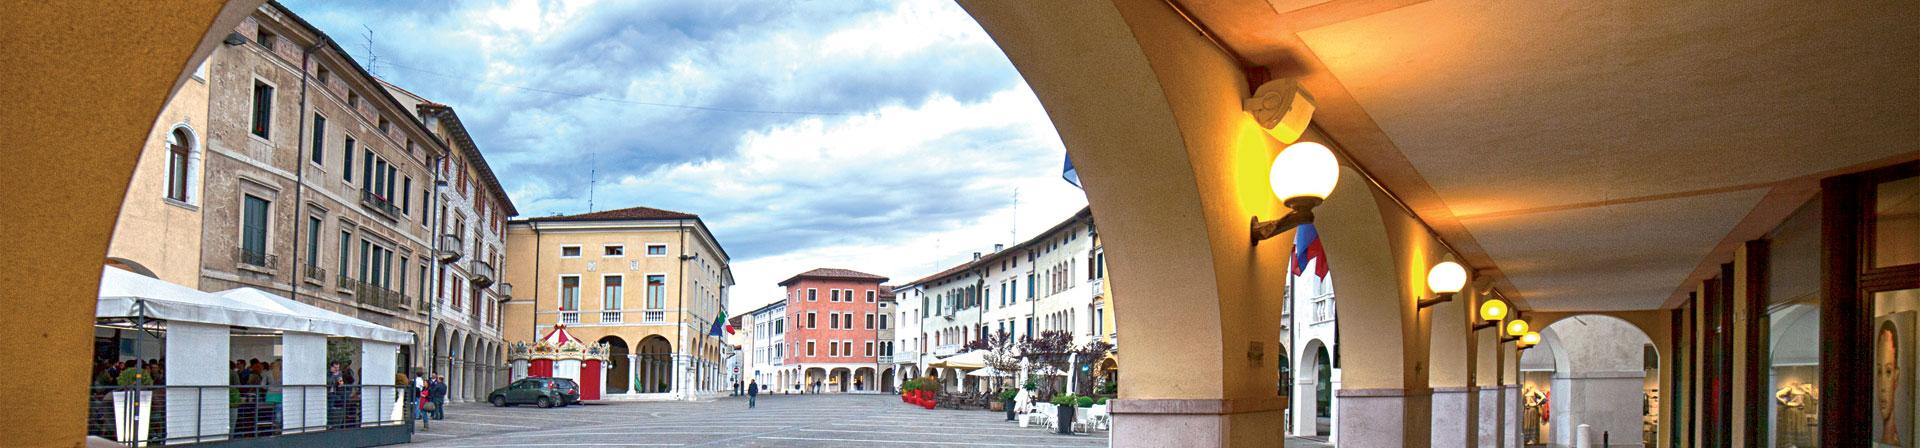 Piazza del Popolo - Sacile